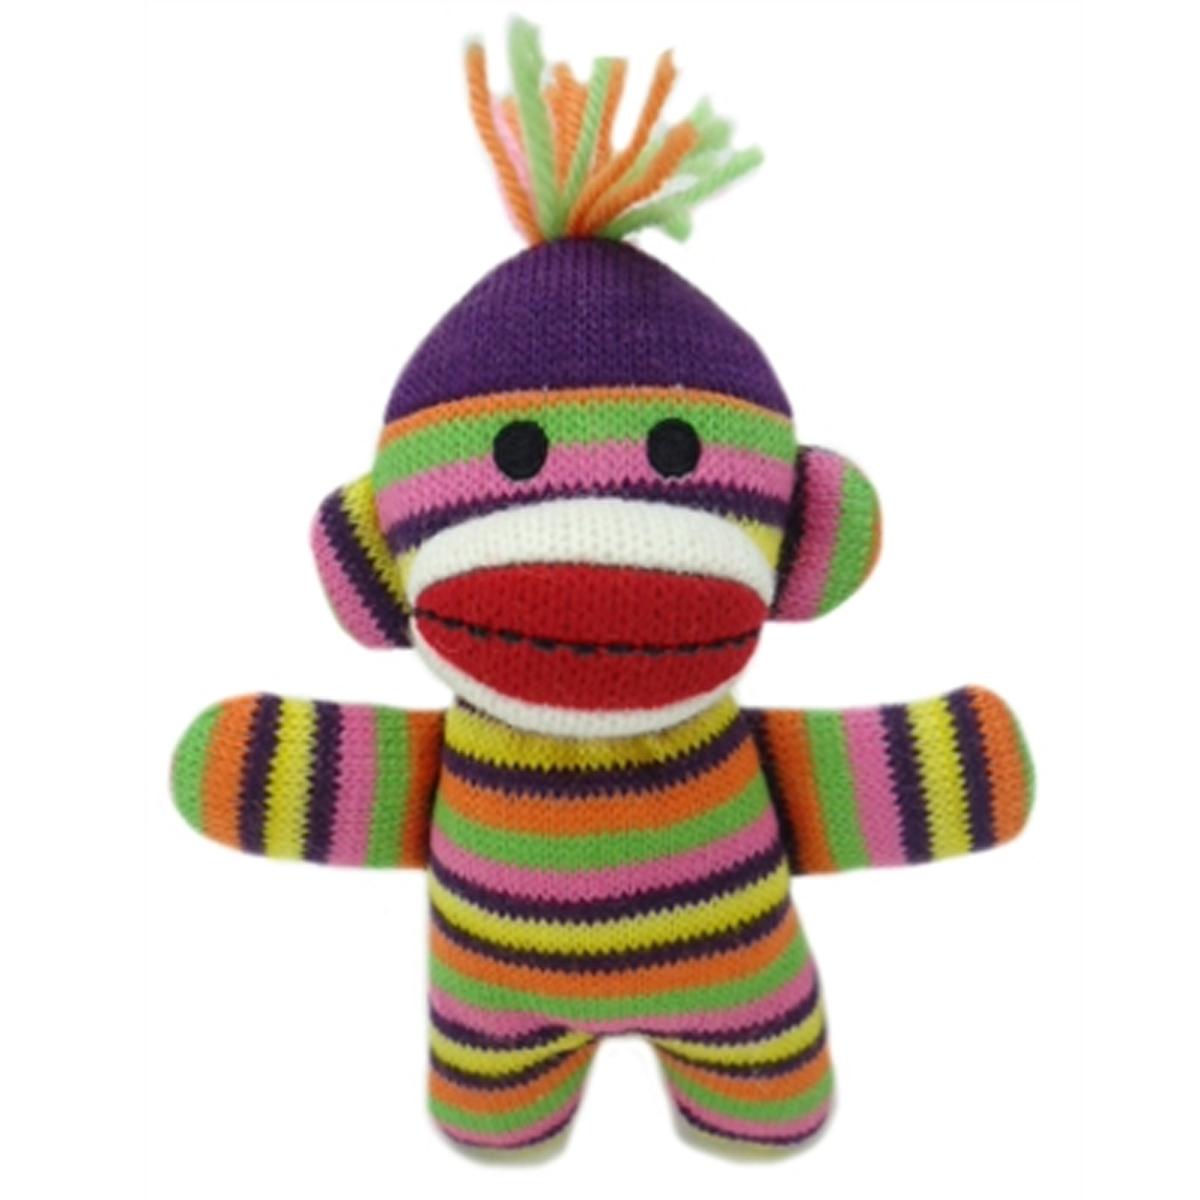 Lulubelles Power Plush Dog Toy - Sock Monkey Baby Lala